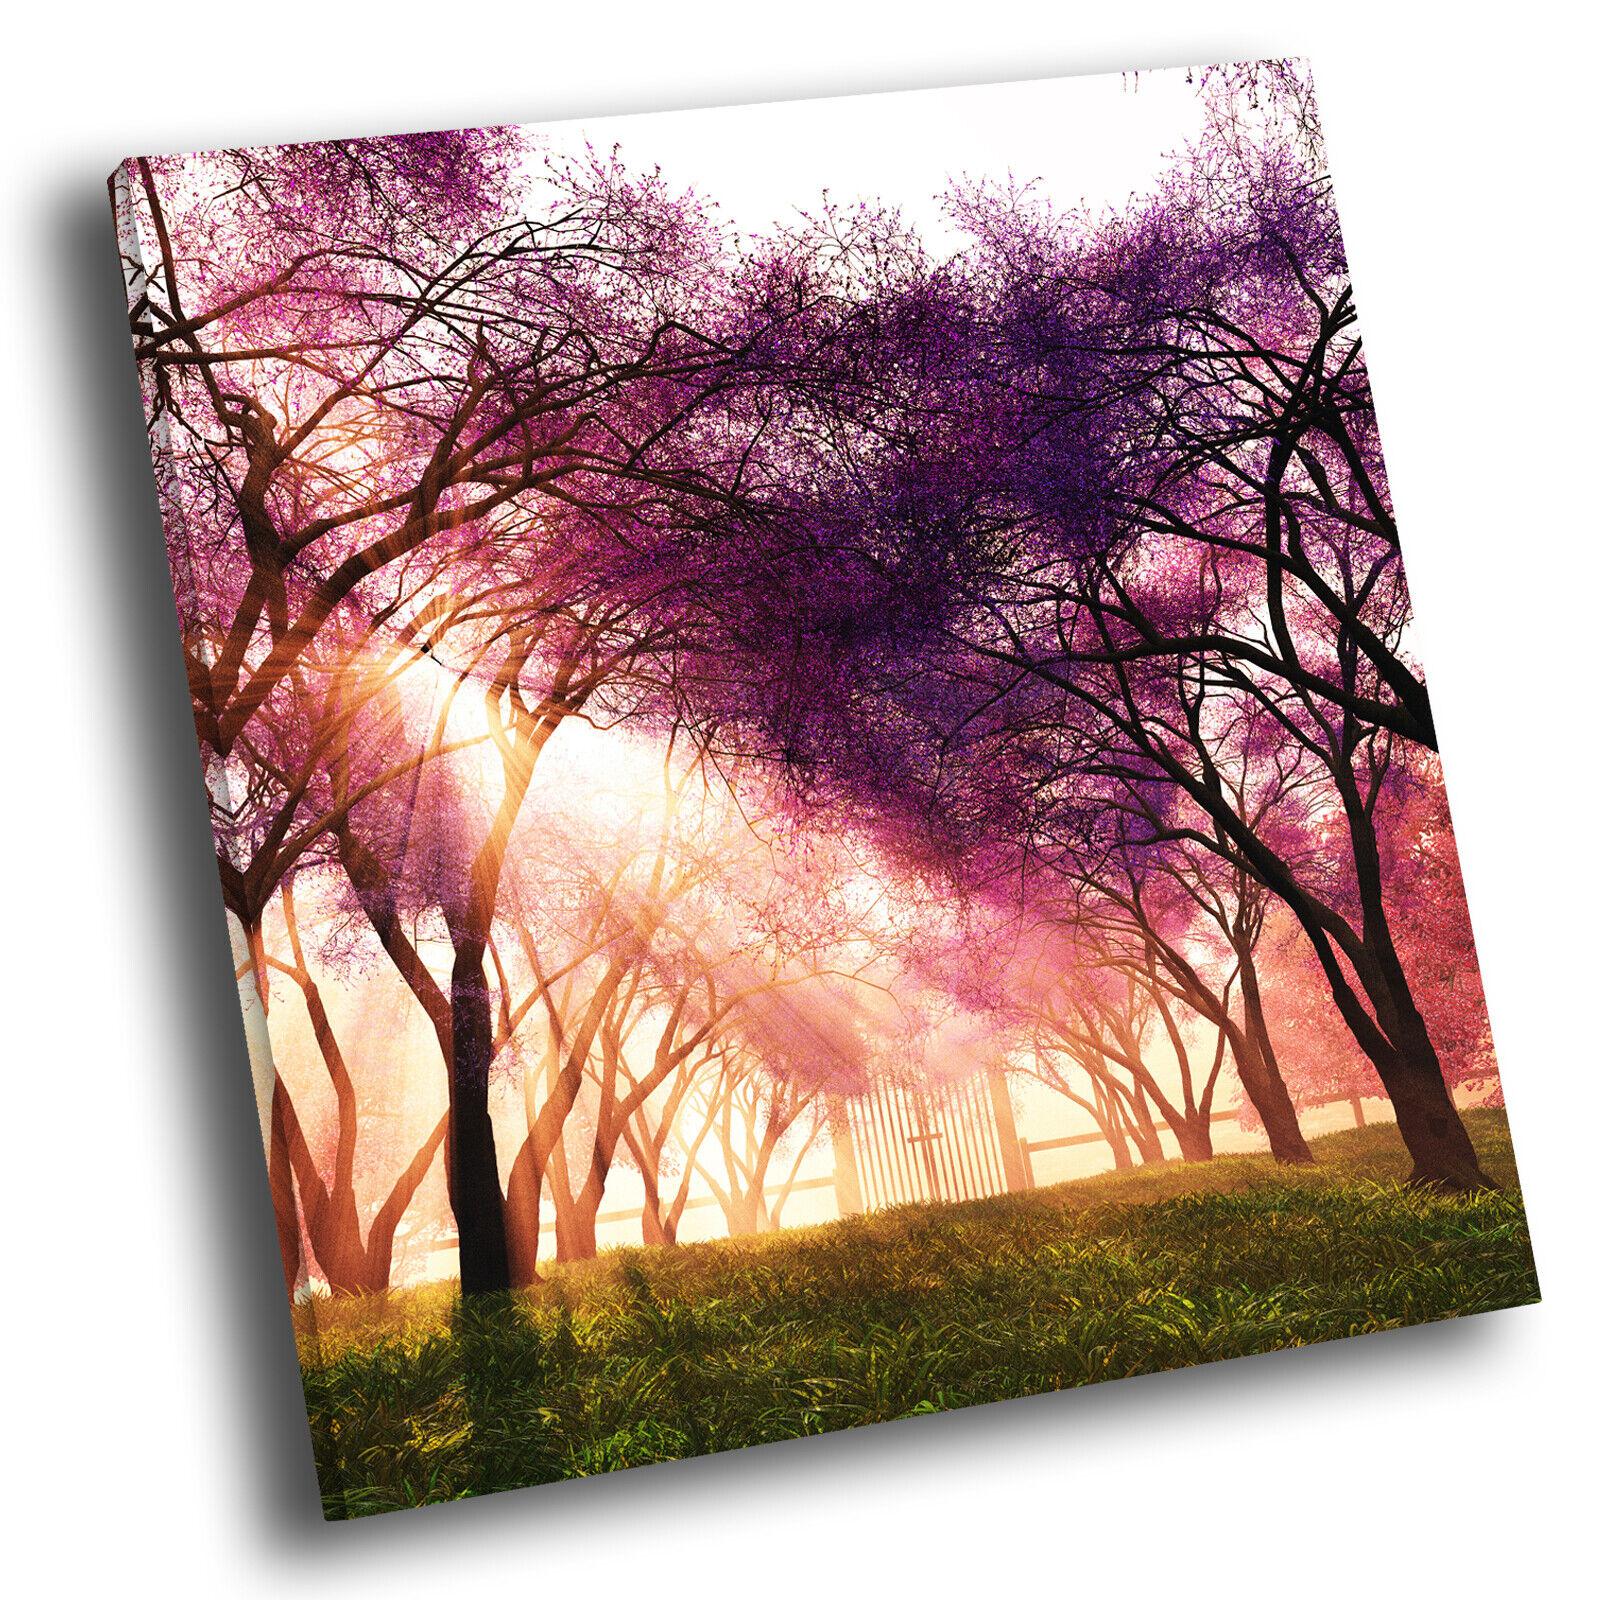 Retro lila Grün Tree Sunrise Square Scenic Canvas Wall Art Picture Print